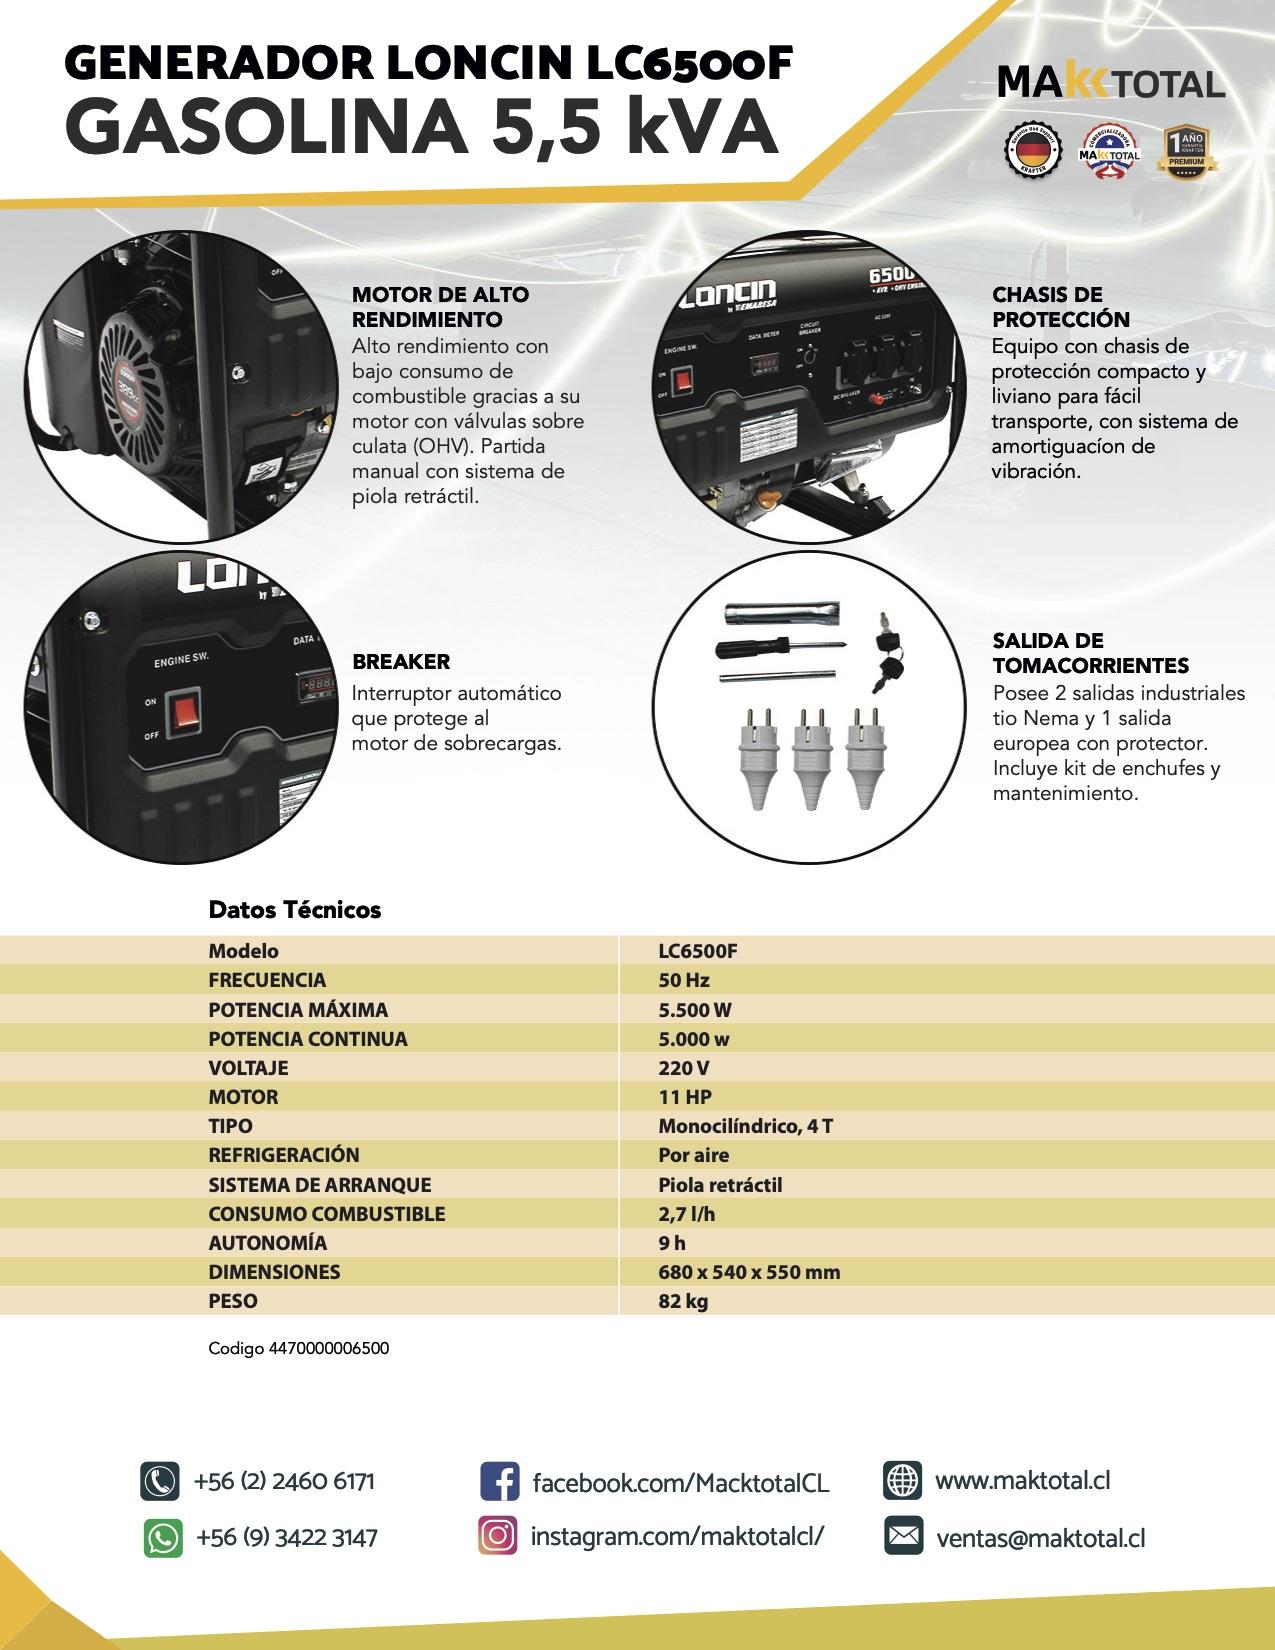 Generador Gasolina 5,5 KVA P Manual